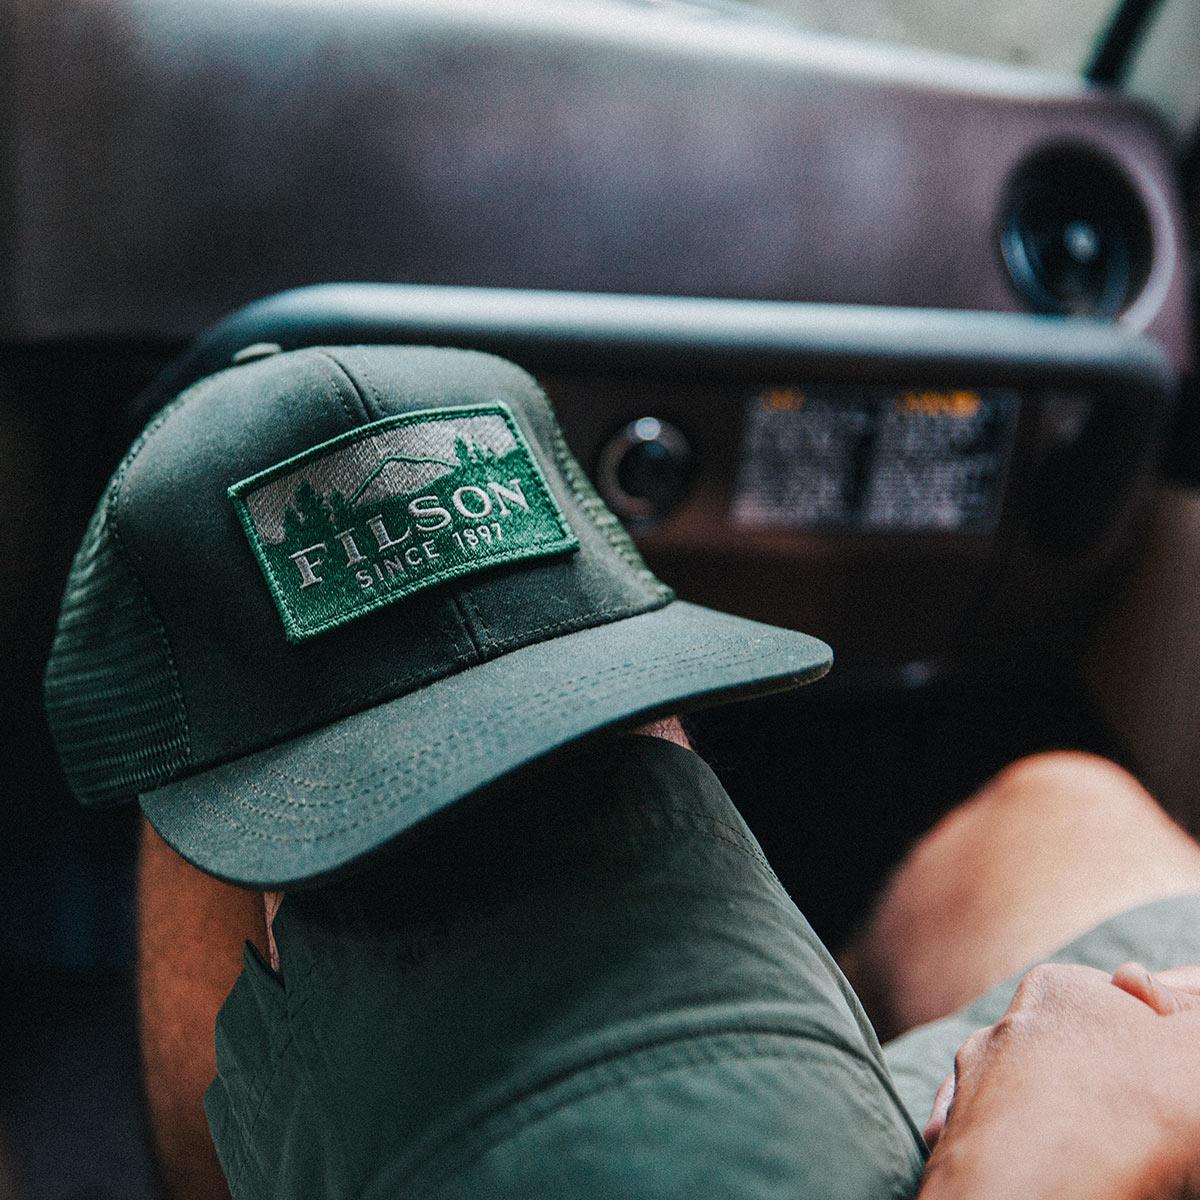 Filson Logger Mesh Cap 11030237-Otter Green, strapazierfähige Kappe aus ikonischem, wasserabweisendem Tin Cloth